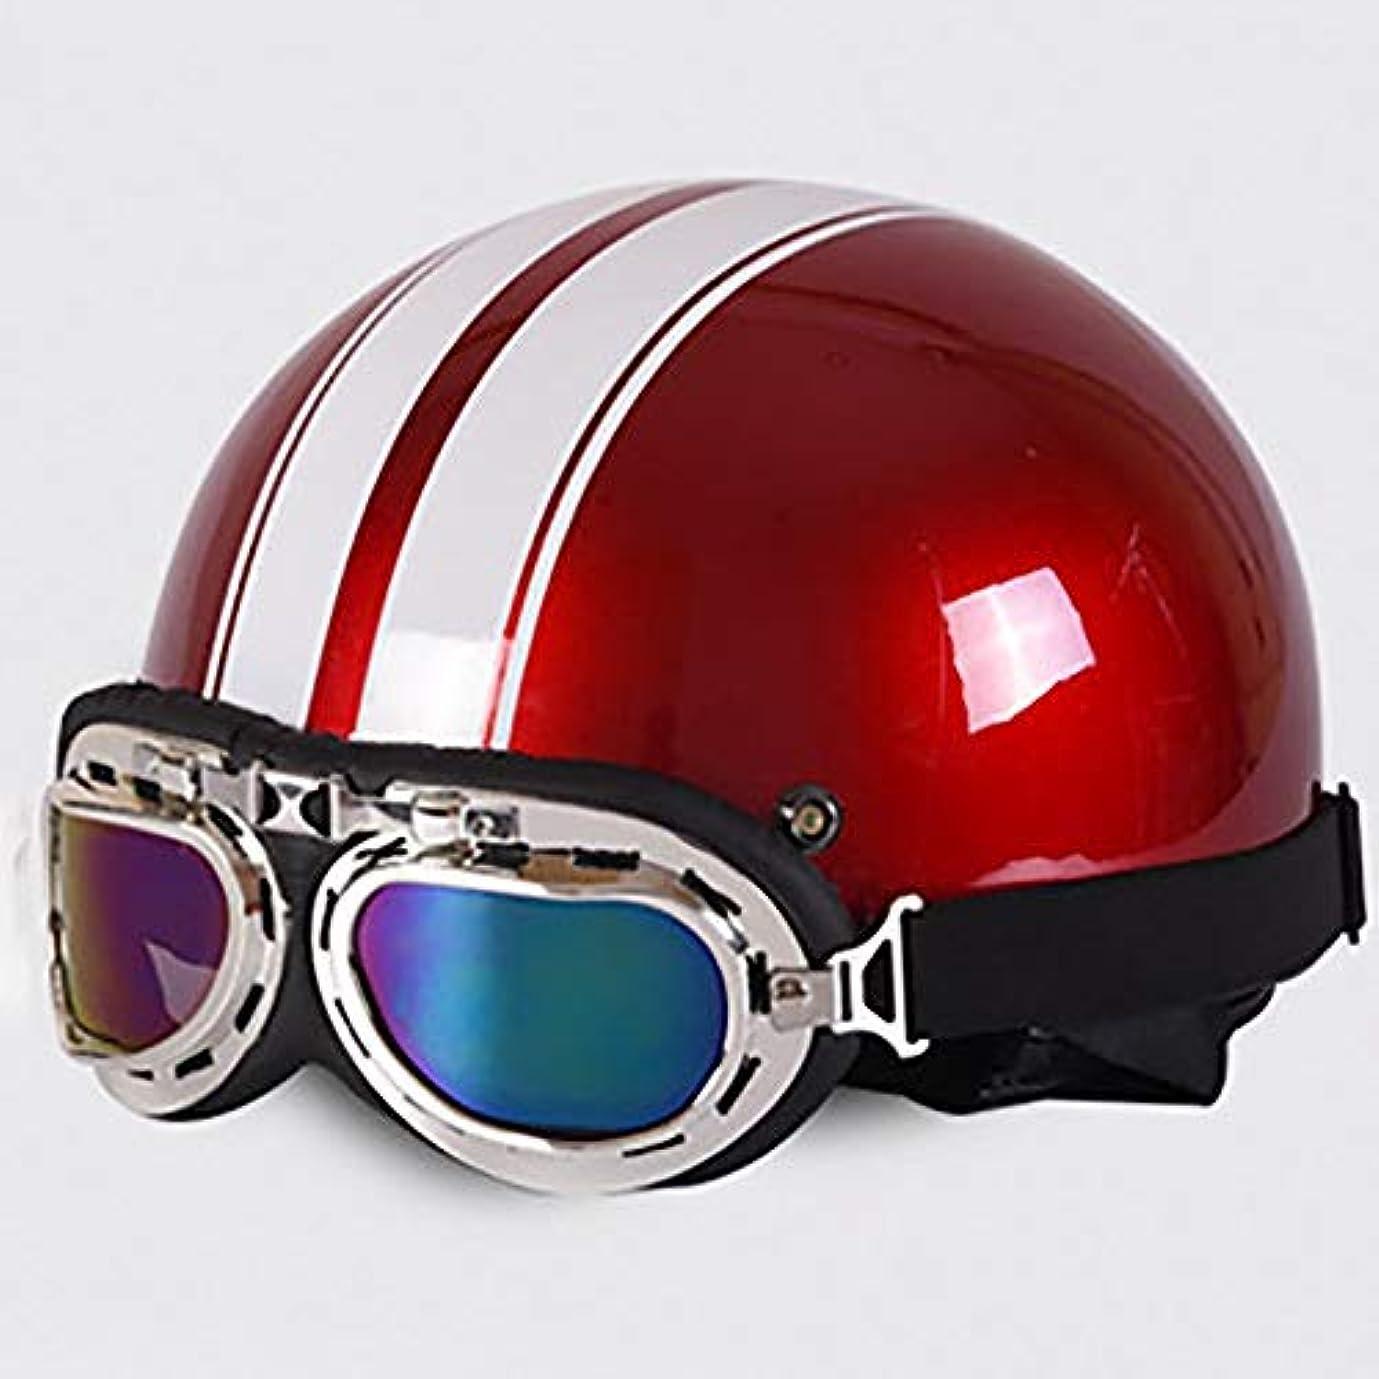 極小デザイナースカウトHYH 黒/赤五芒星のABSプラスチック人格レトロハーレーハーフヘルメットオートバイ車自転車ヘルメット いい人生 (Size : D)